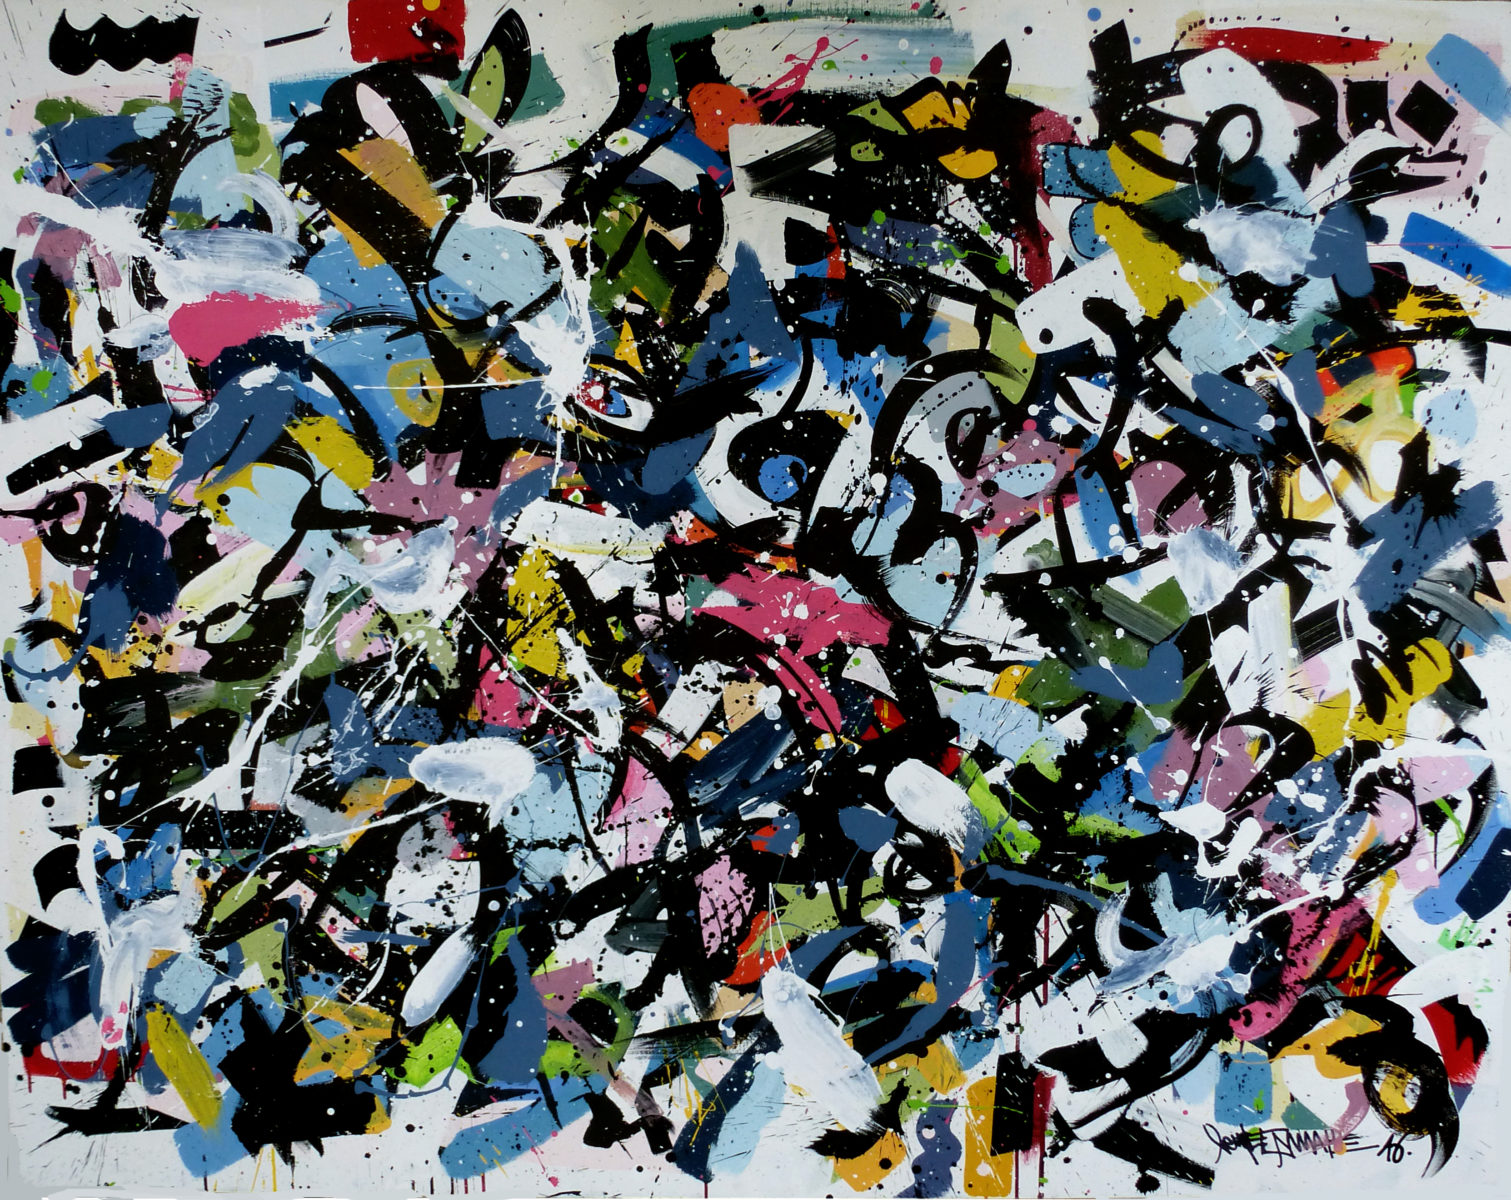 Leyto oboem ulule looking forward - Coup de pouce RADAR x Ulule : Ôboem veut transformer l'affichage publicitaire en galerie d'art